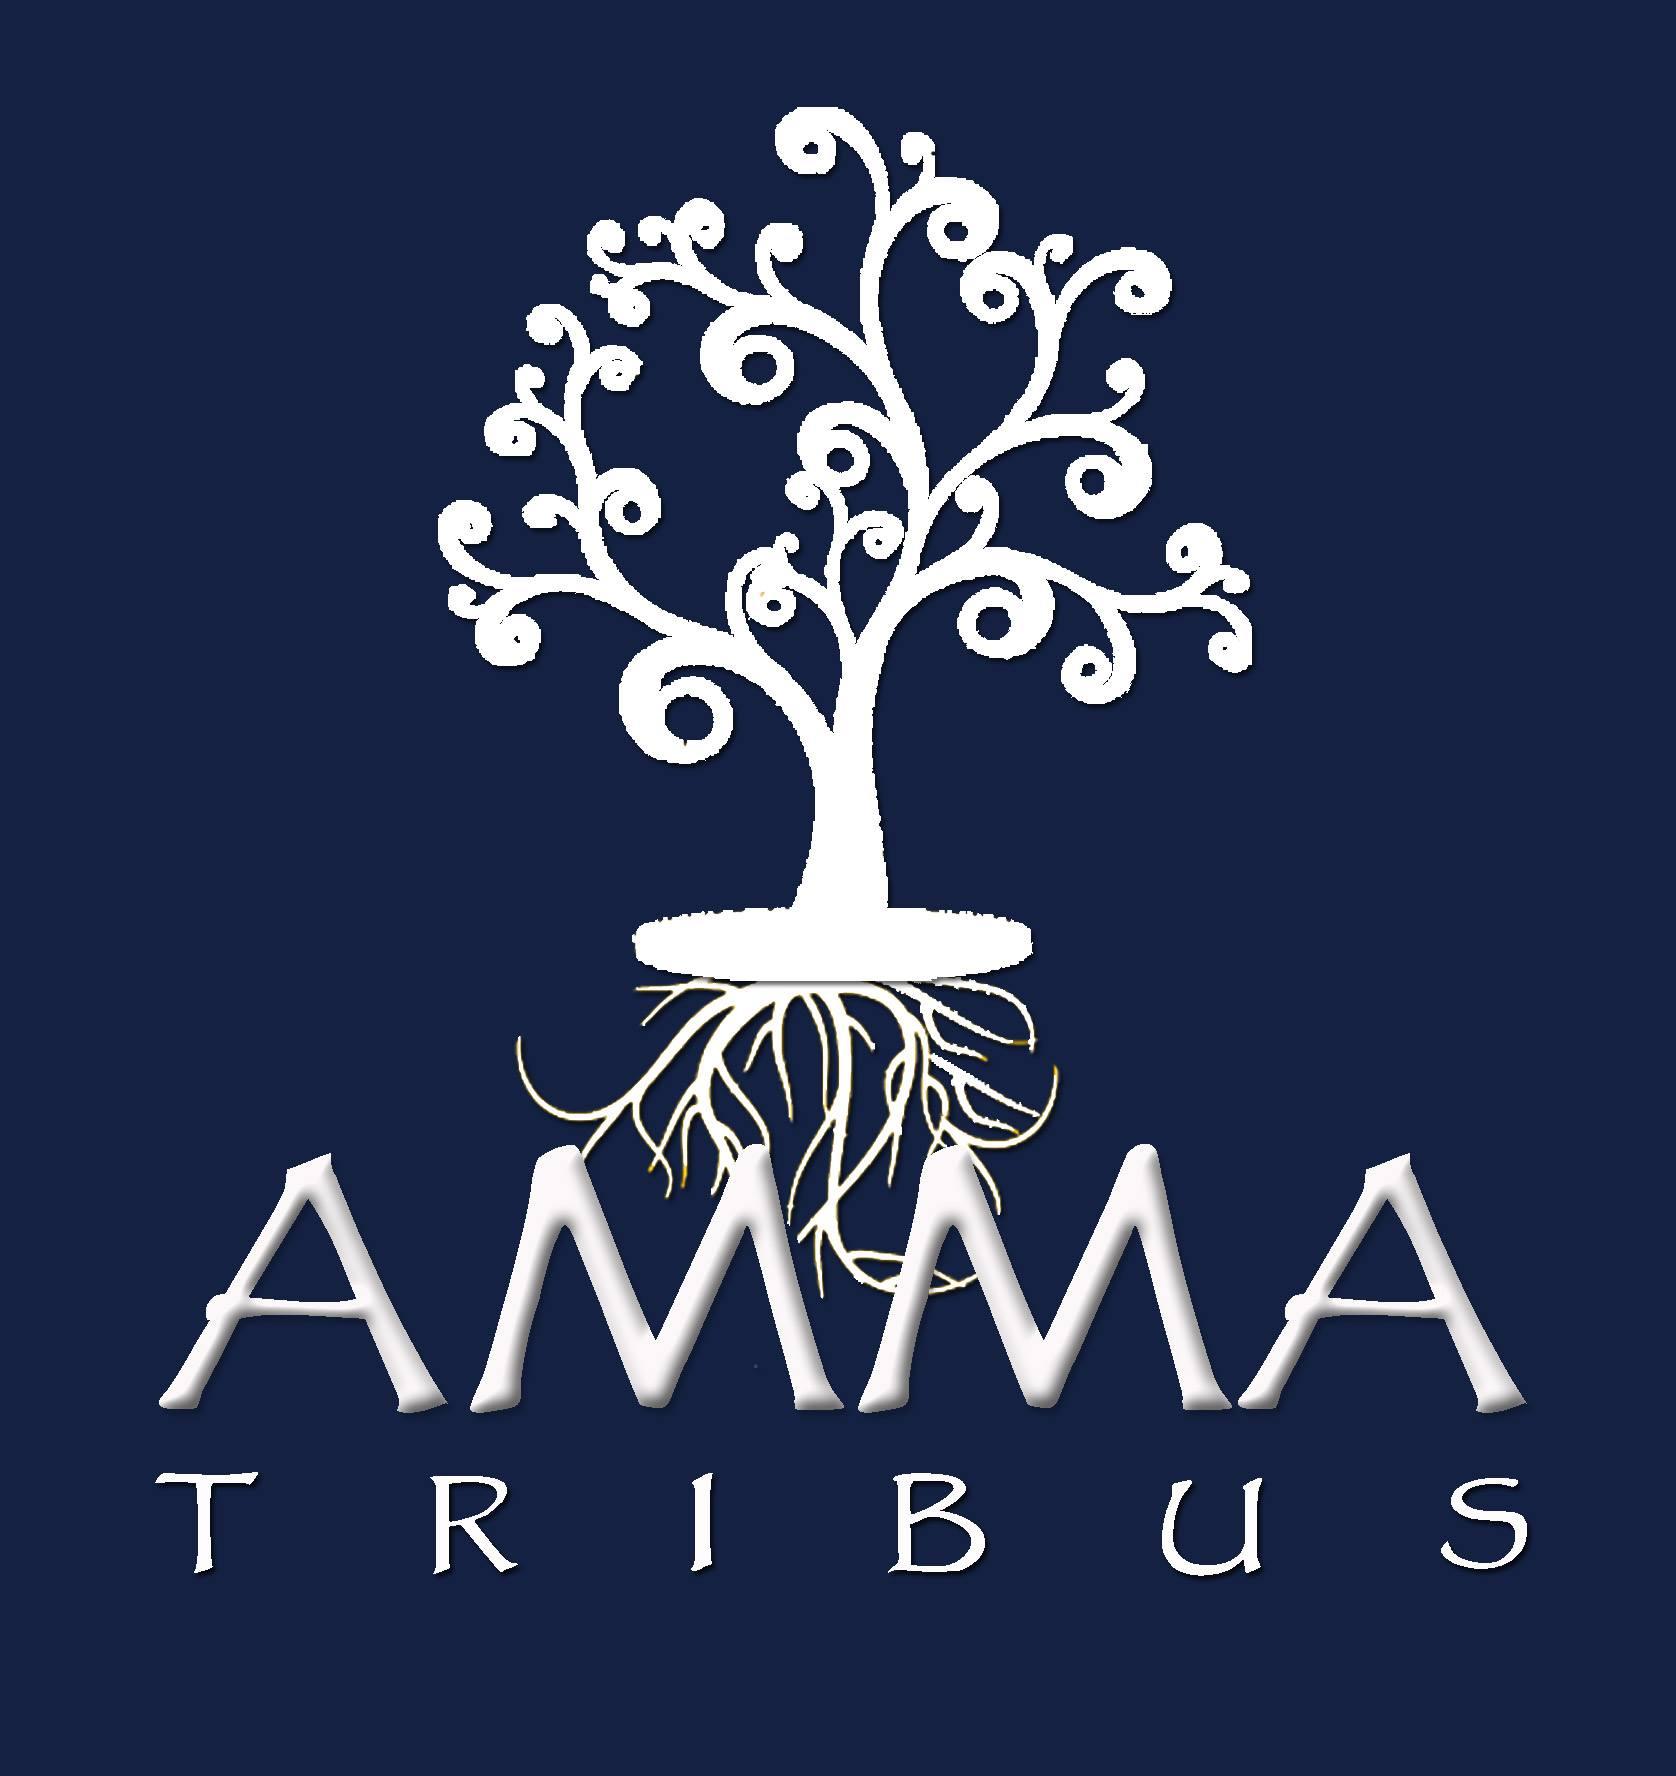 Colaborando con Tribus Amma